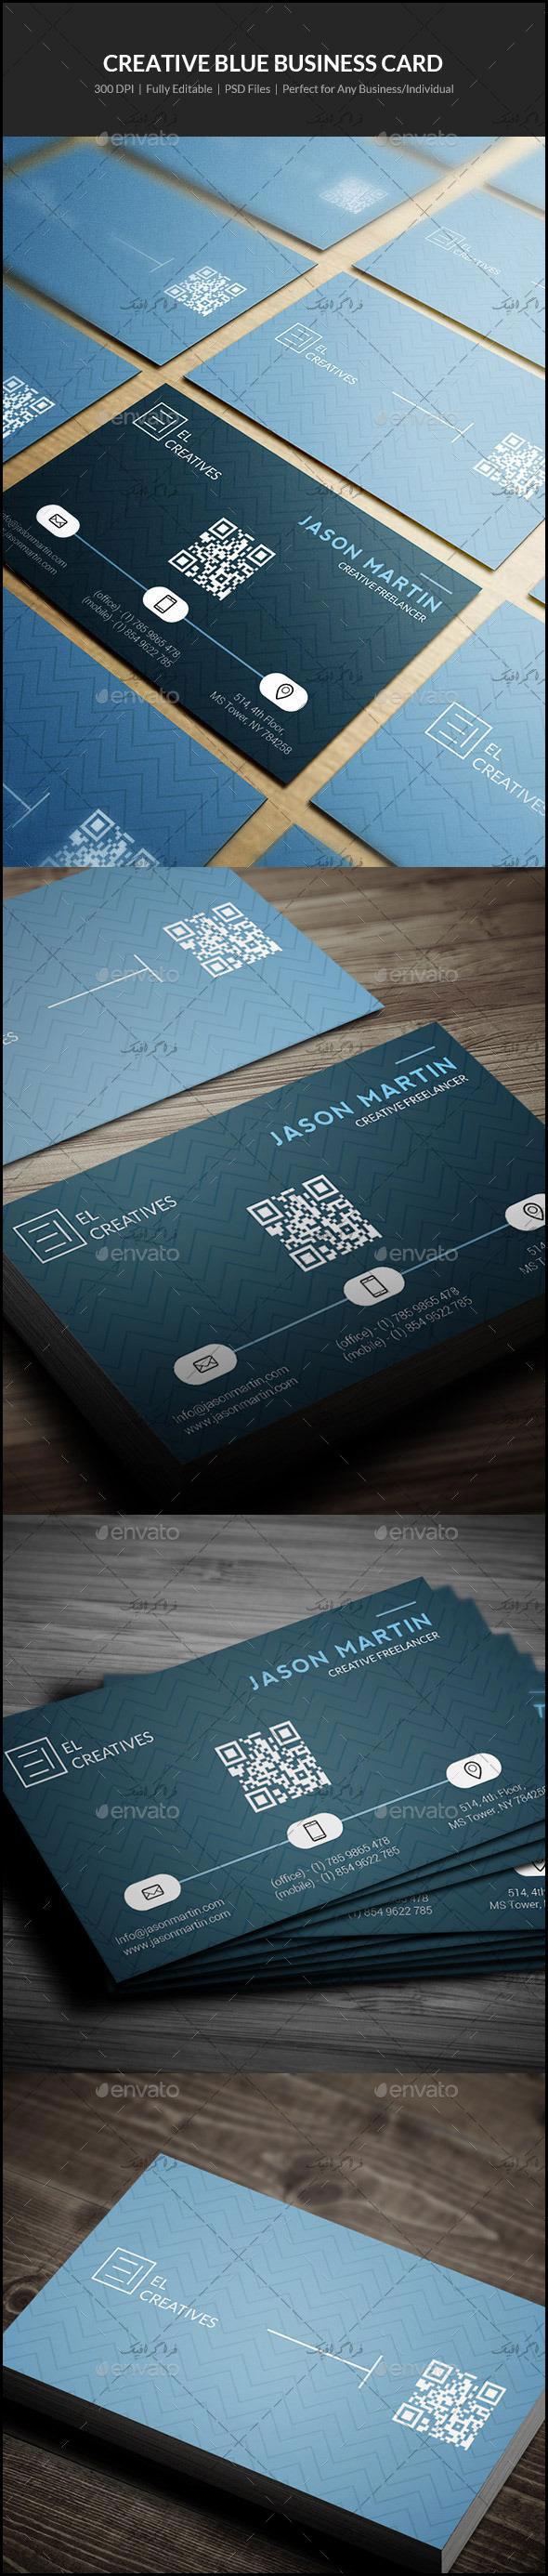 دانلود کارت ویزیت خلاقانه رنگ آبی